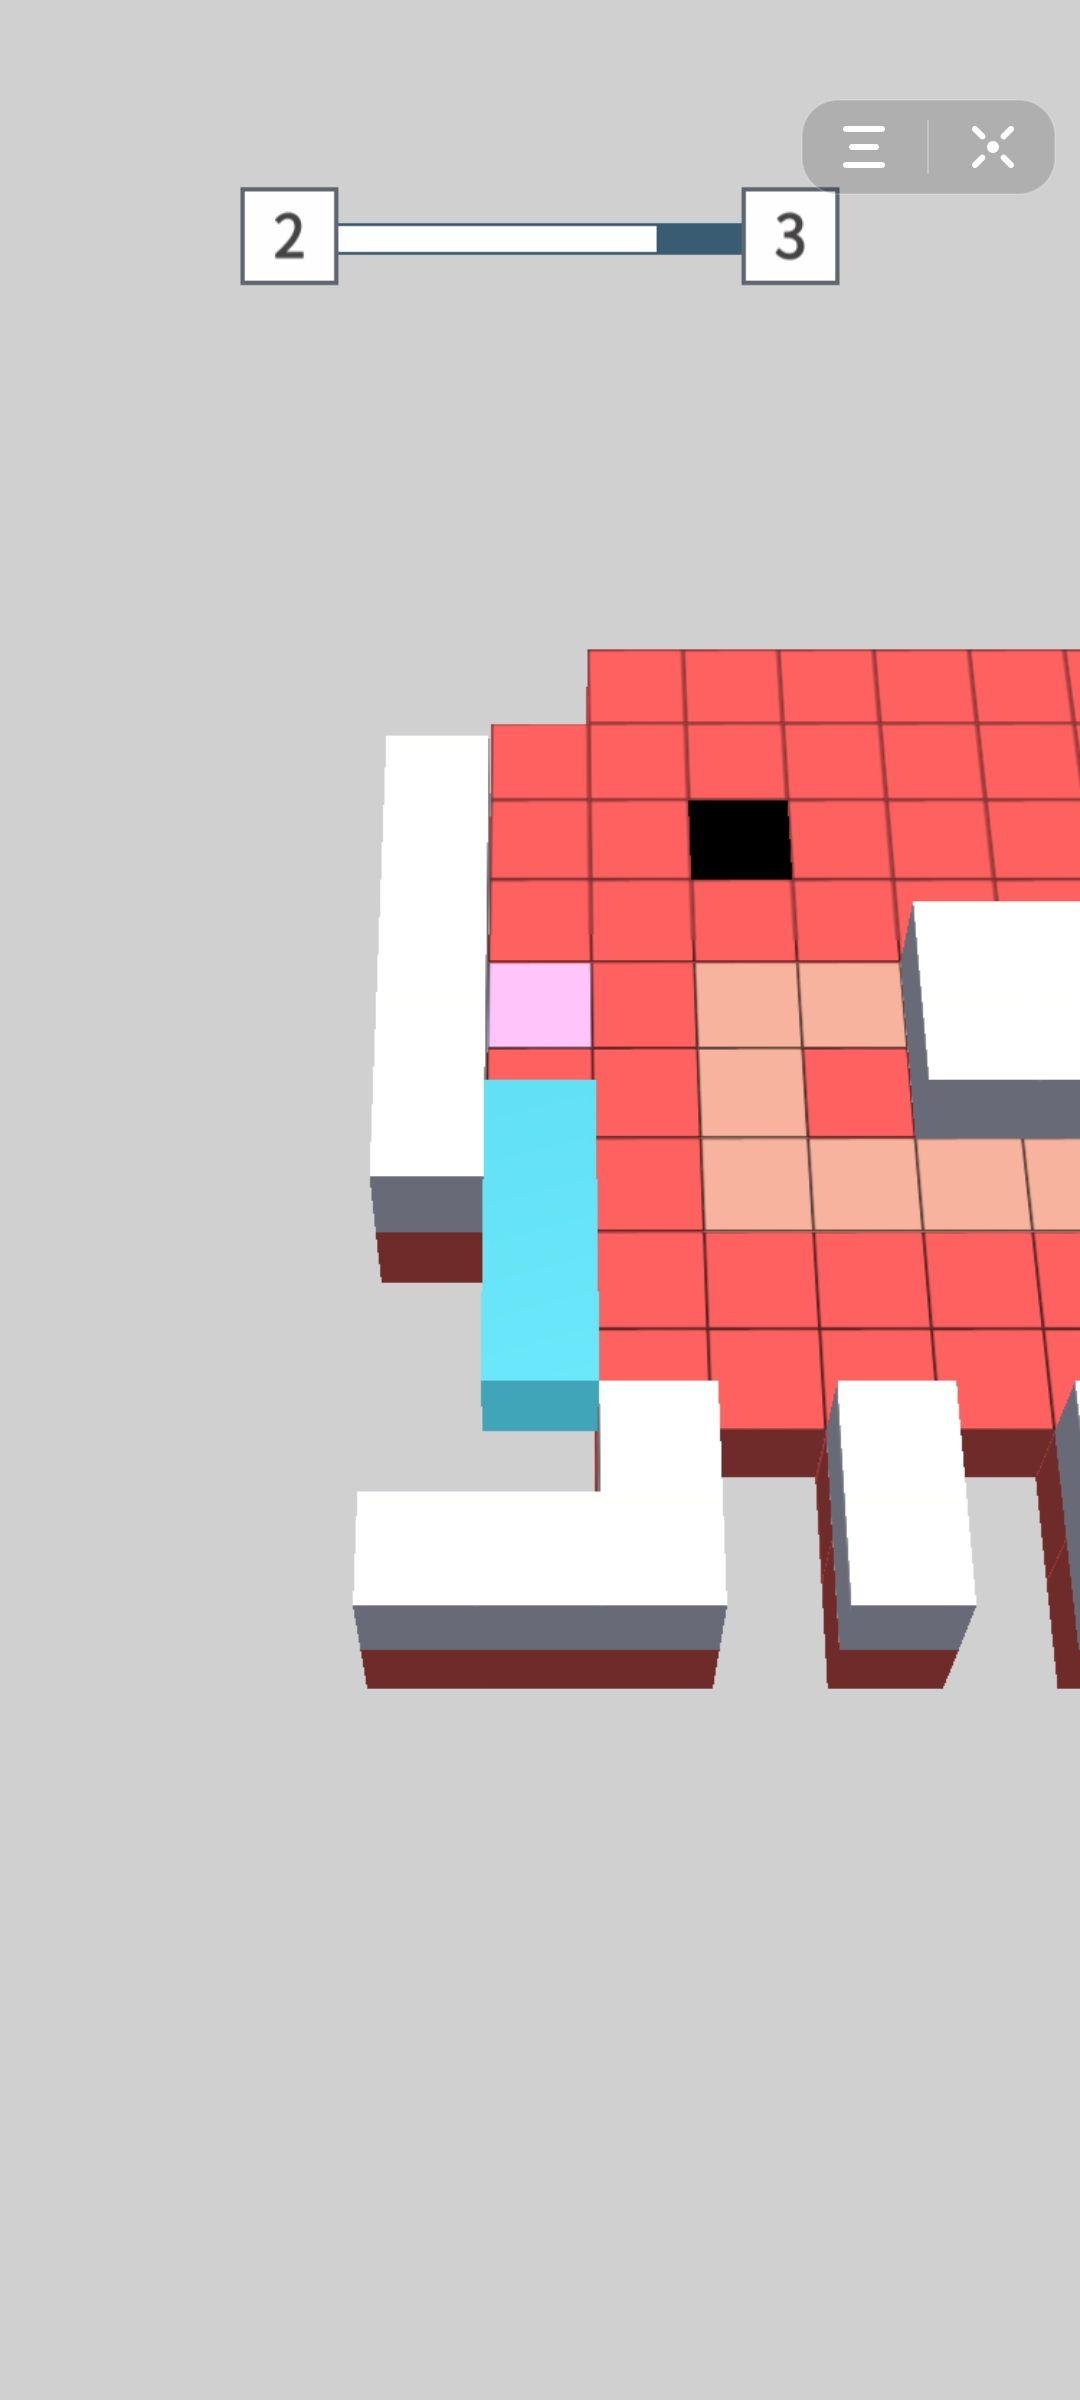 抖音小程序立体折纸方块翻翻乐游戏官方版图片1